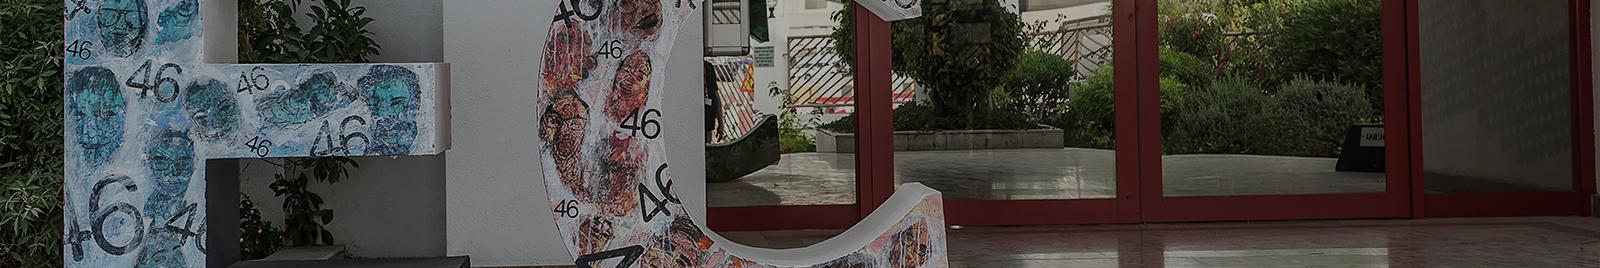 Inner banner image